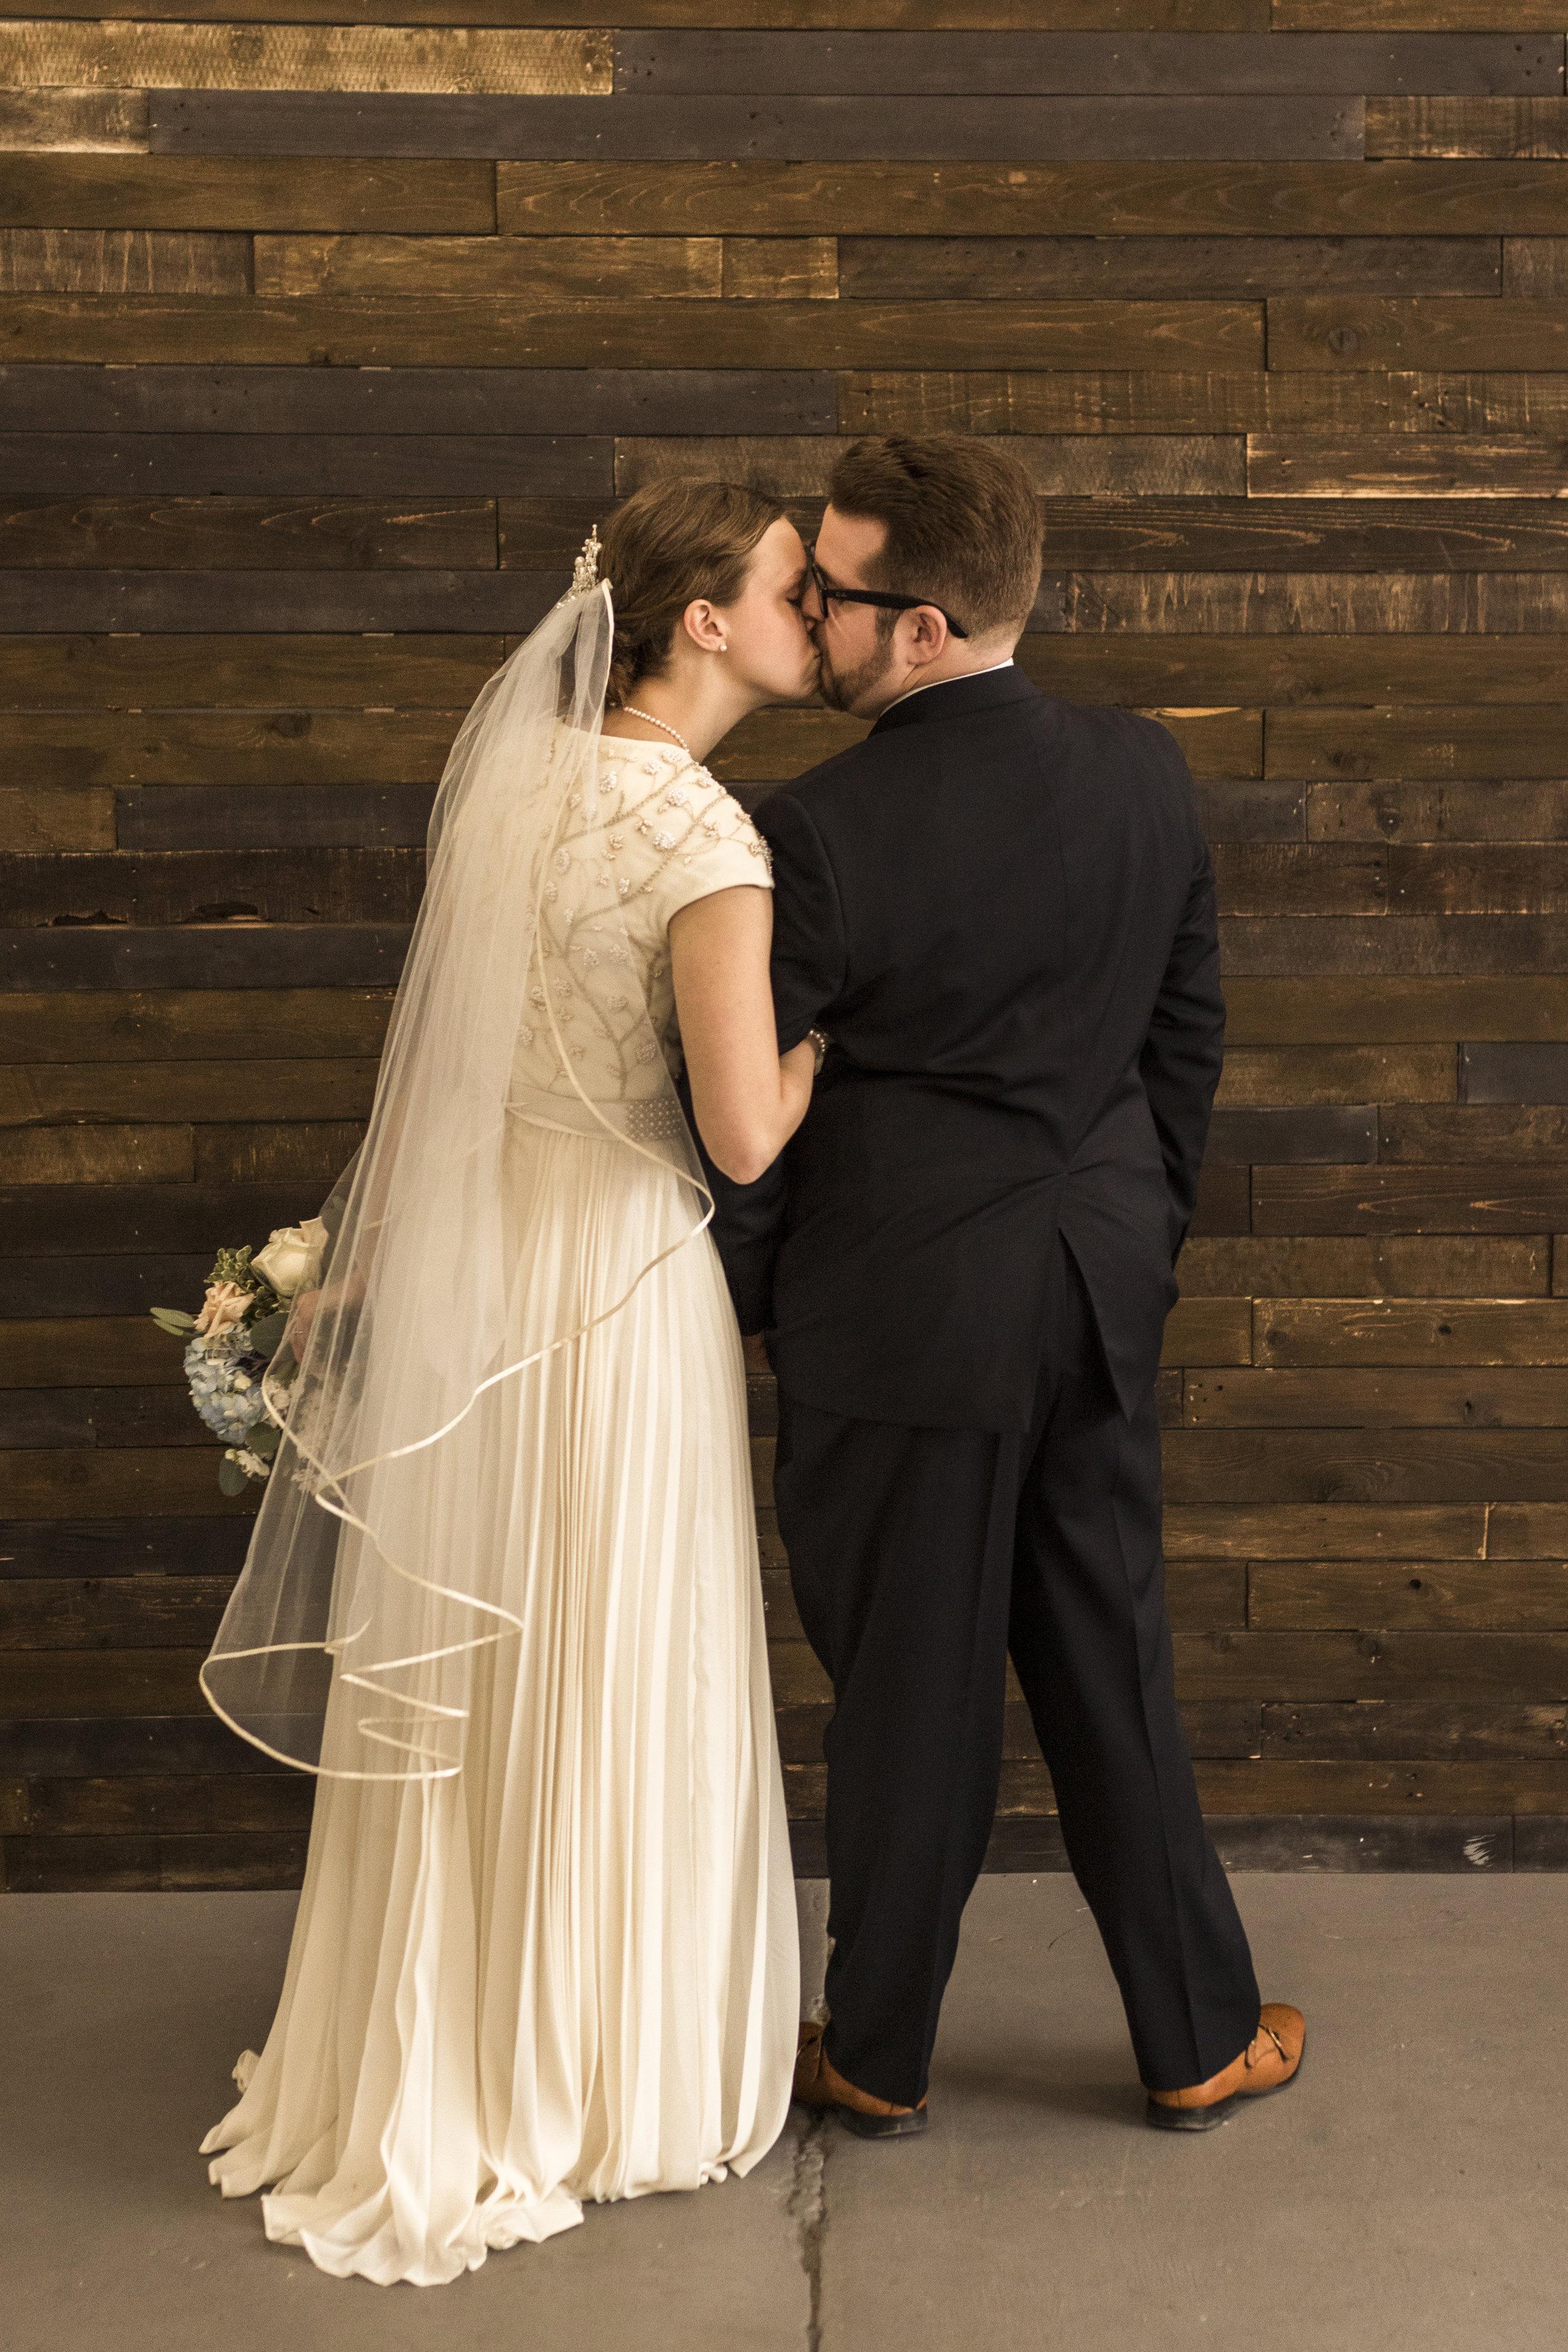 Utah Winter Bridal Session in a downtown Salt Lake City natural light studioby Bri Bergman Photography09.JPG